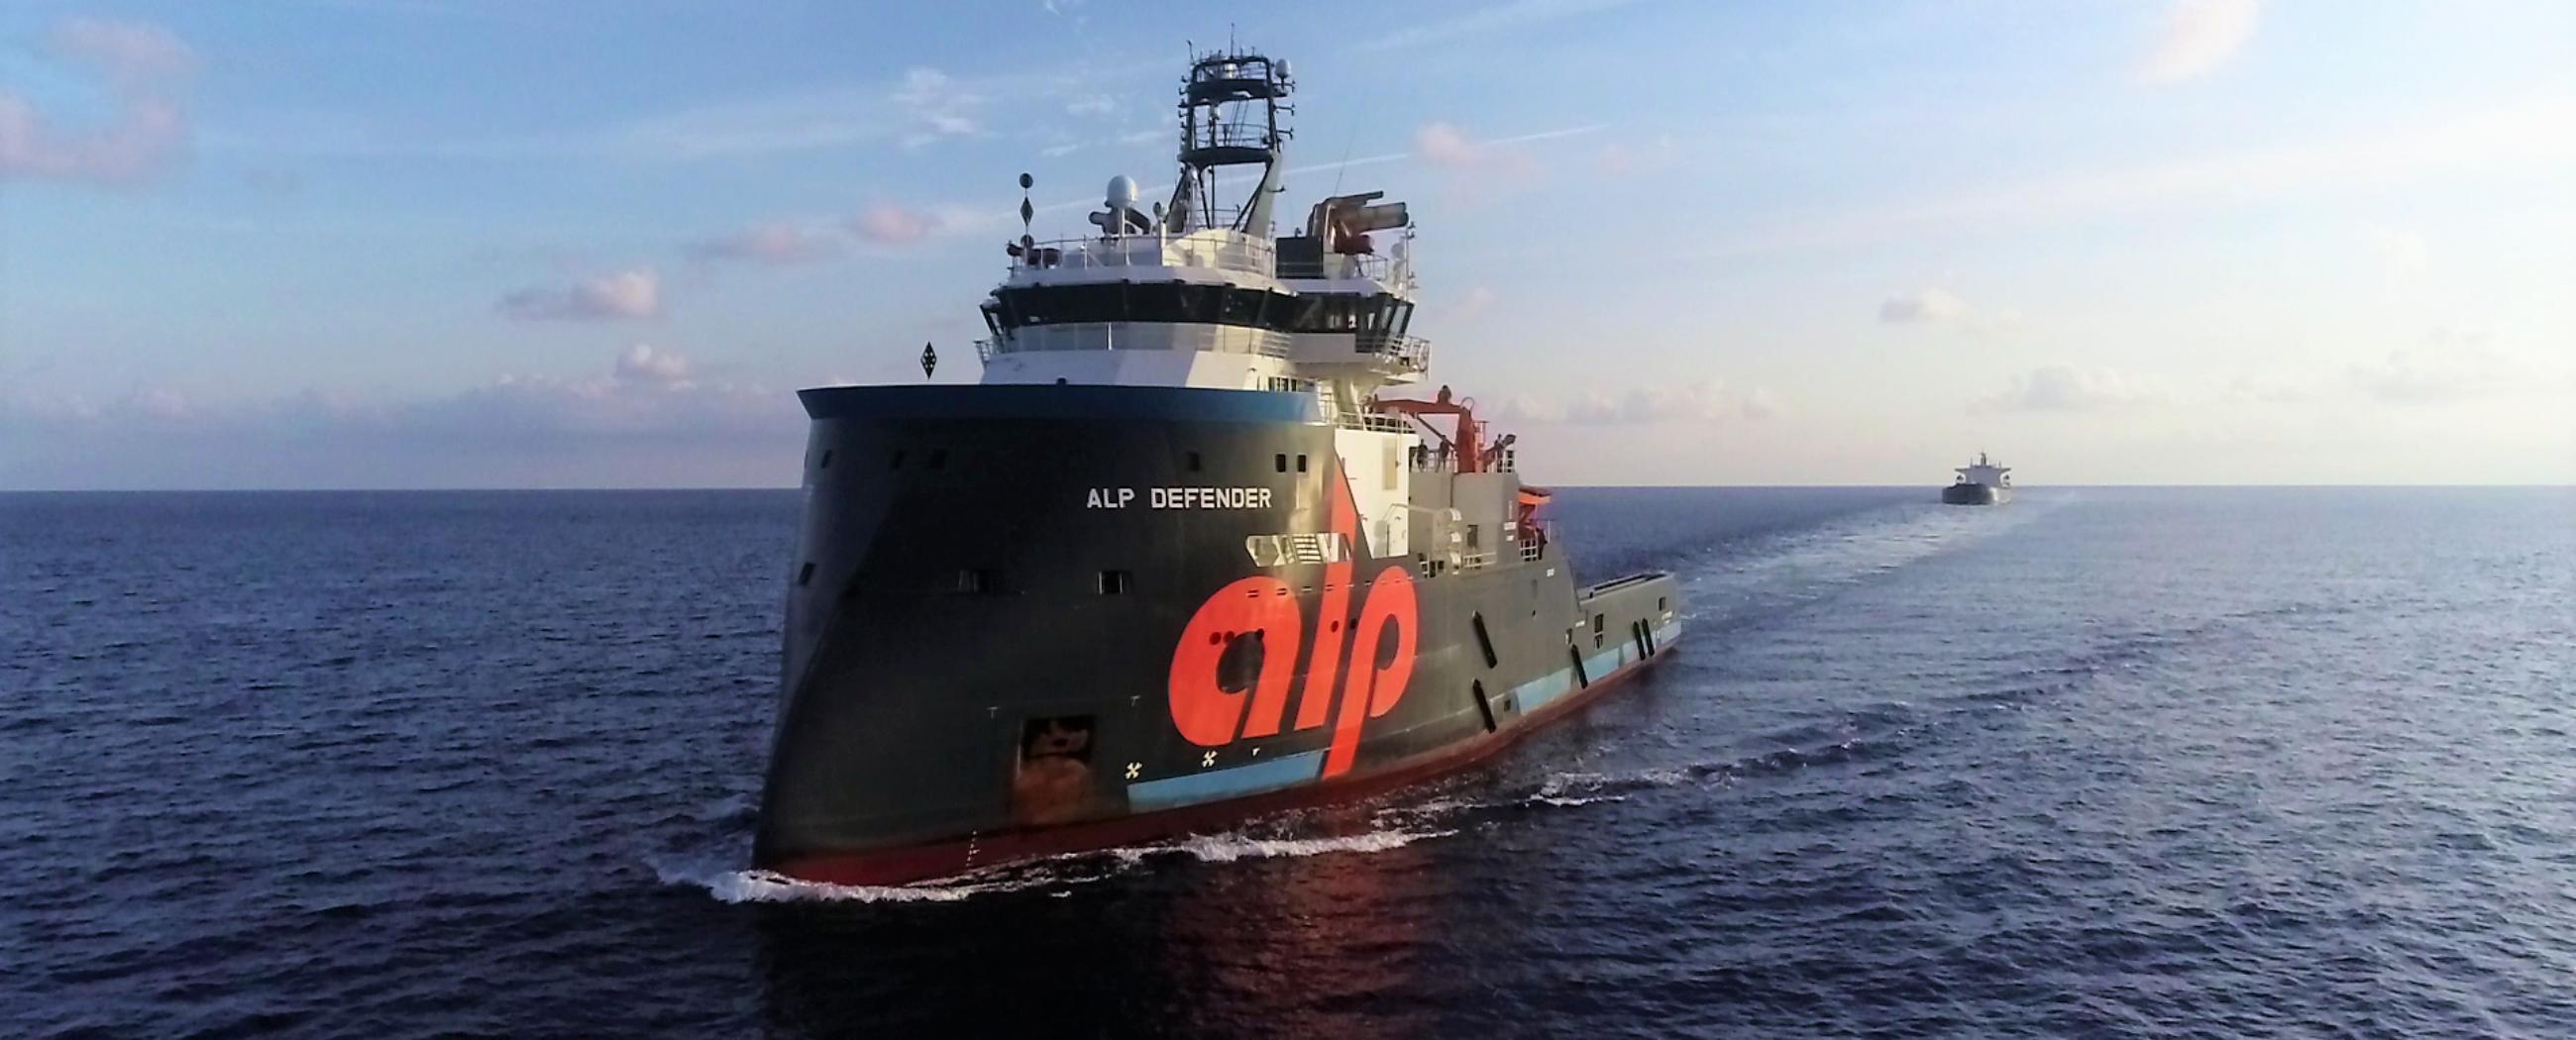 ALP-Defender-Achilles-2-towage-2.png